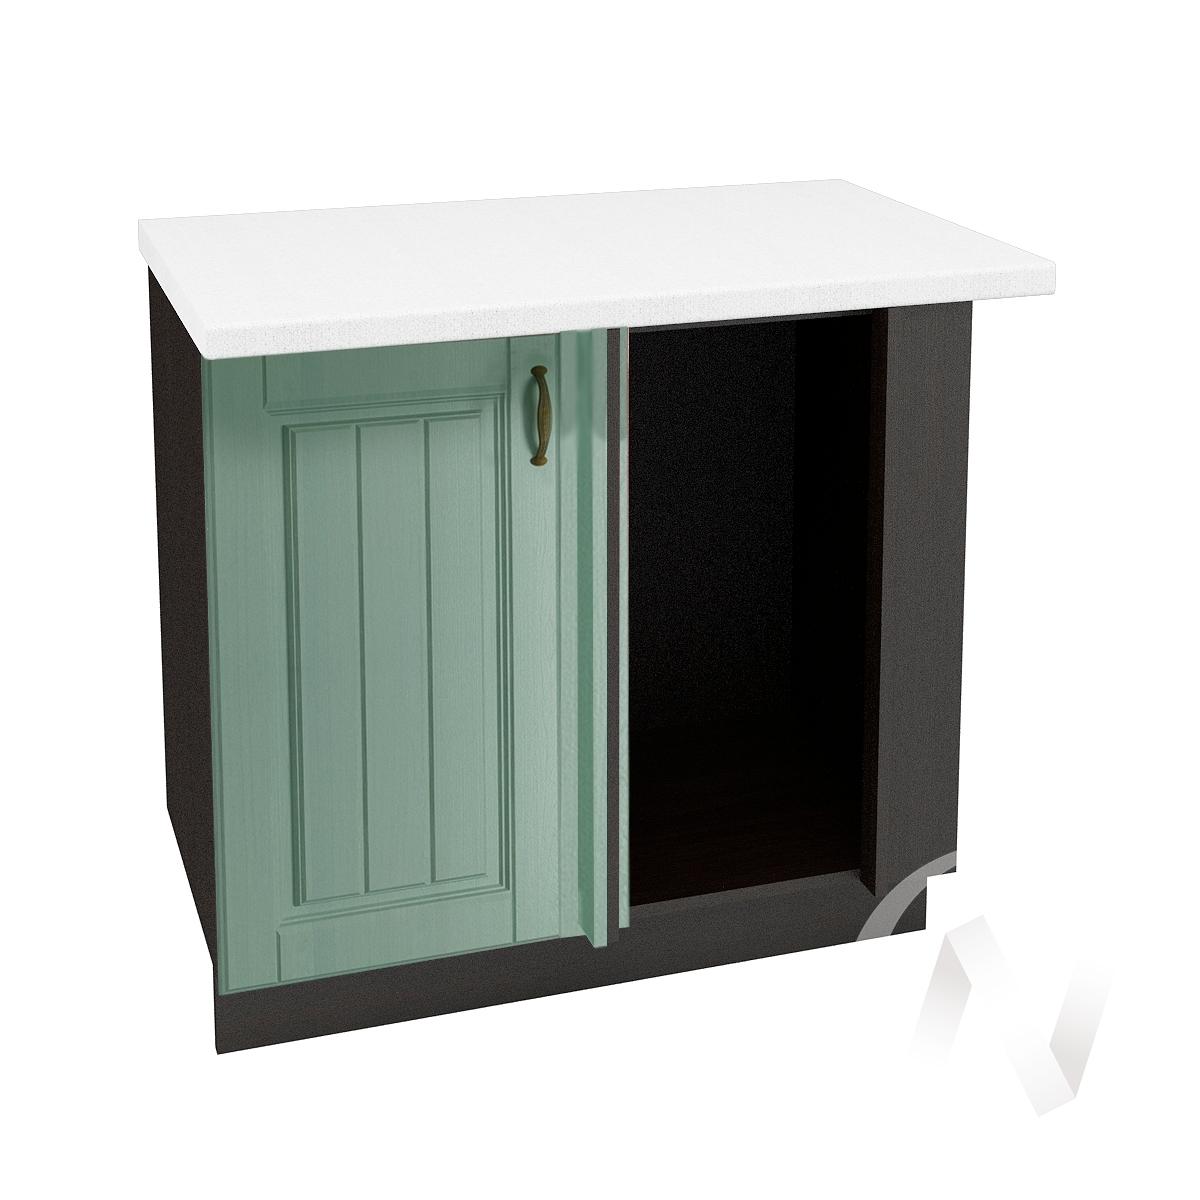 """Кухня """"Прованс"""": Шкаф нижний угловой 990, ШНУ 990 (корпус венге)"""